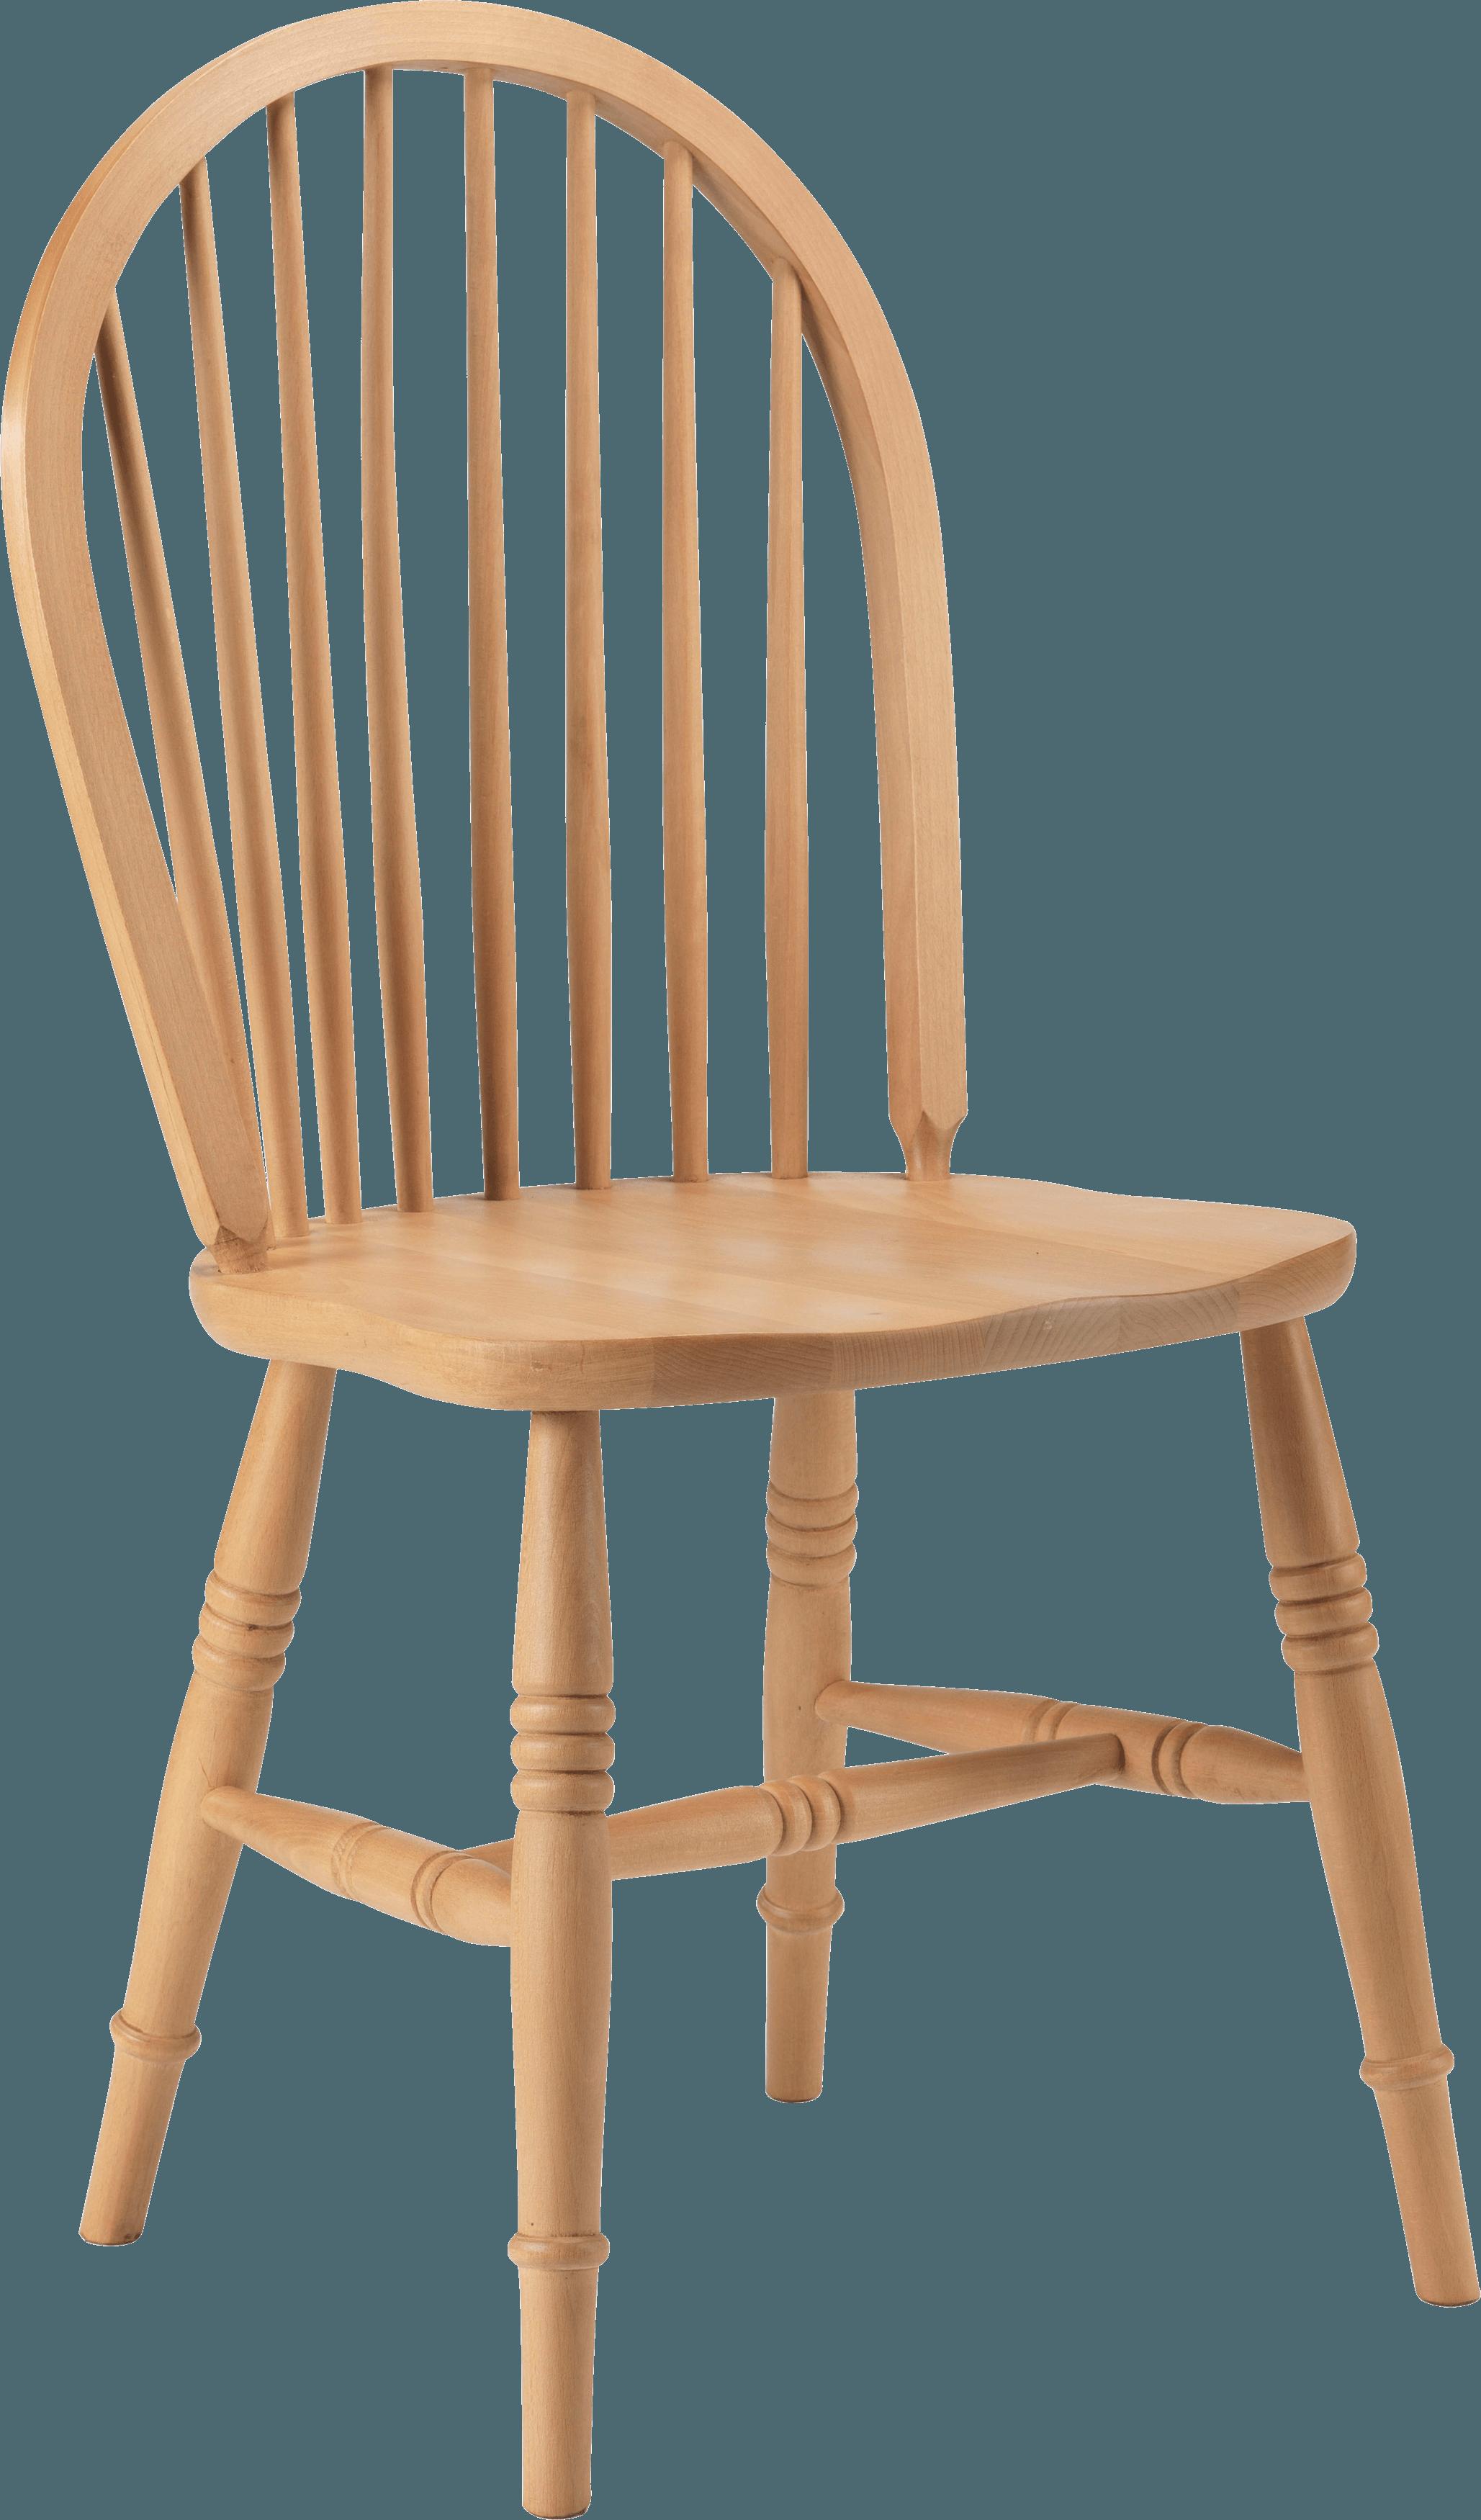 Scissors Chair Transparent Background SVG Clip arts